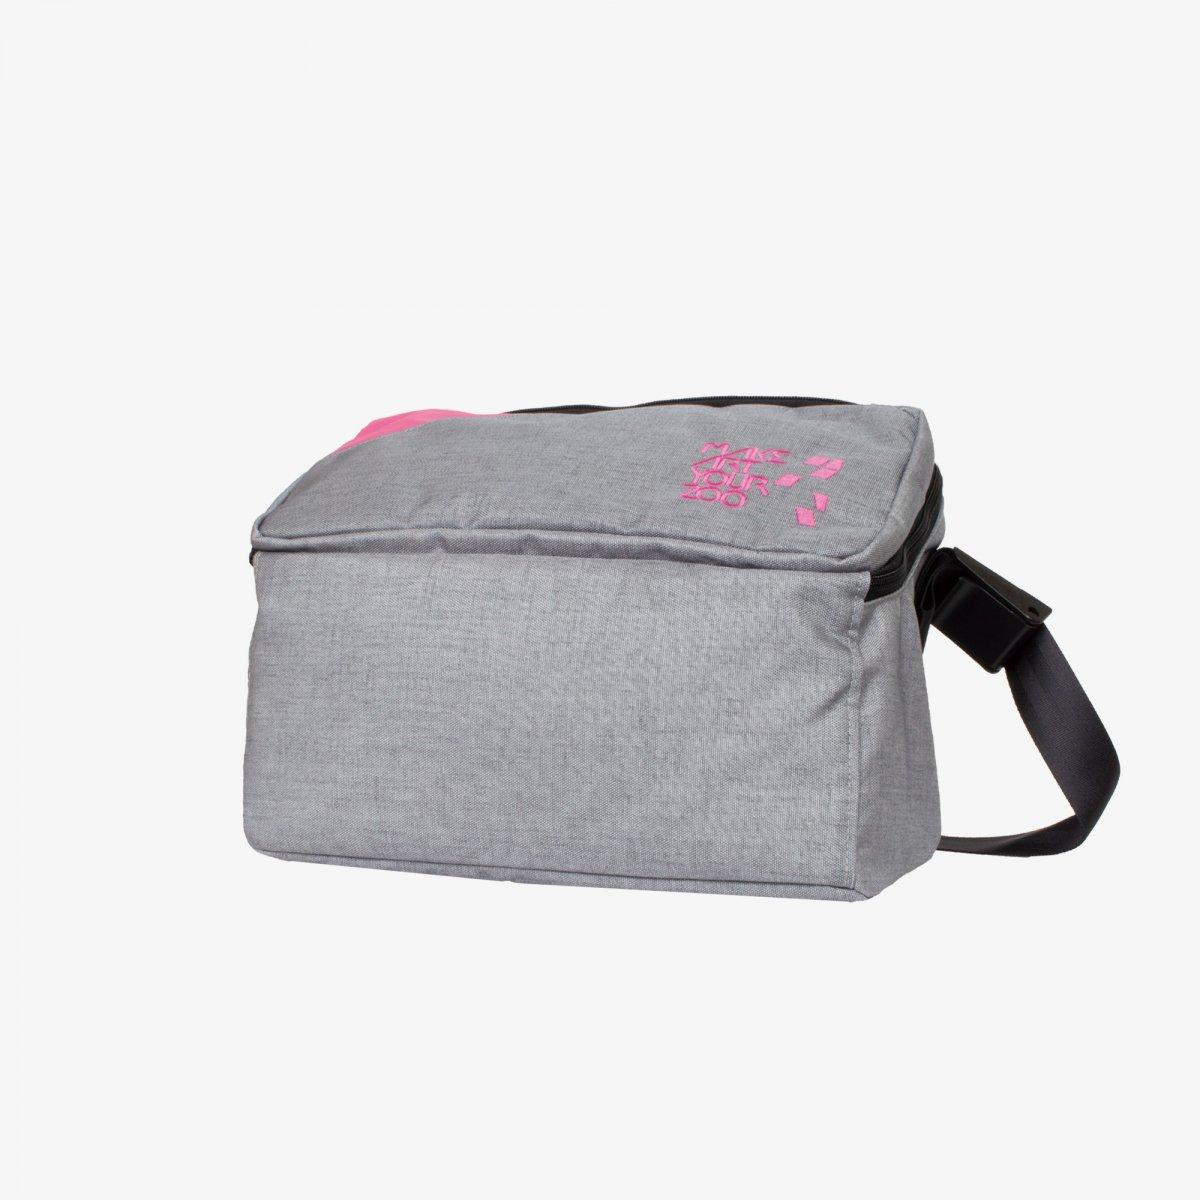 37342bf90a00 メッセンジャーバッグ Mサイズ (Gray/Pink) - 軽いユニセックスのバッグ ...